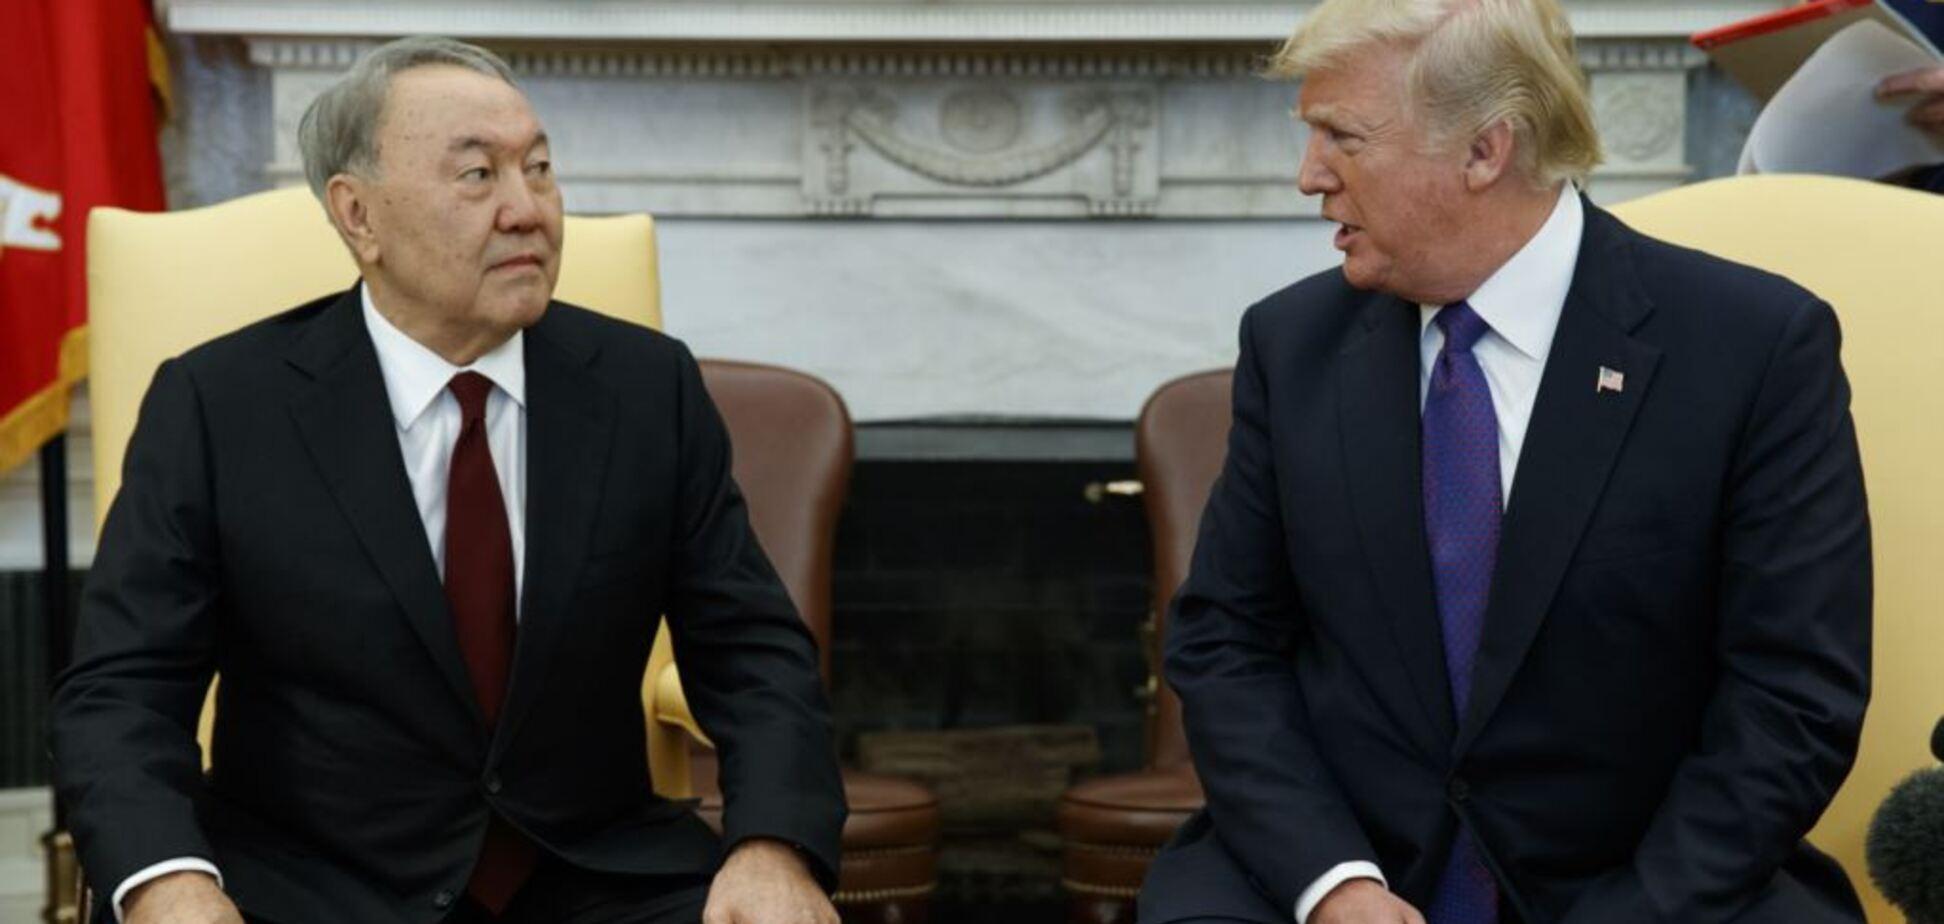 Ему плевать: озвучен интерес Казахстана в переговорах по Донбассу